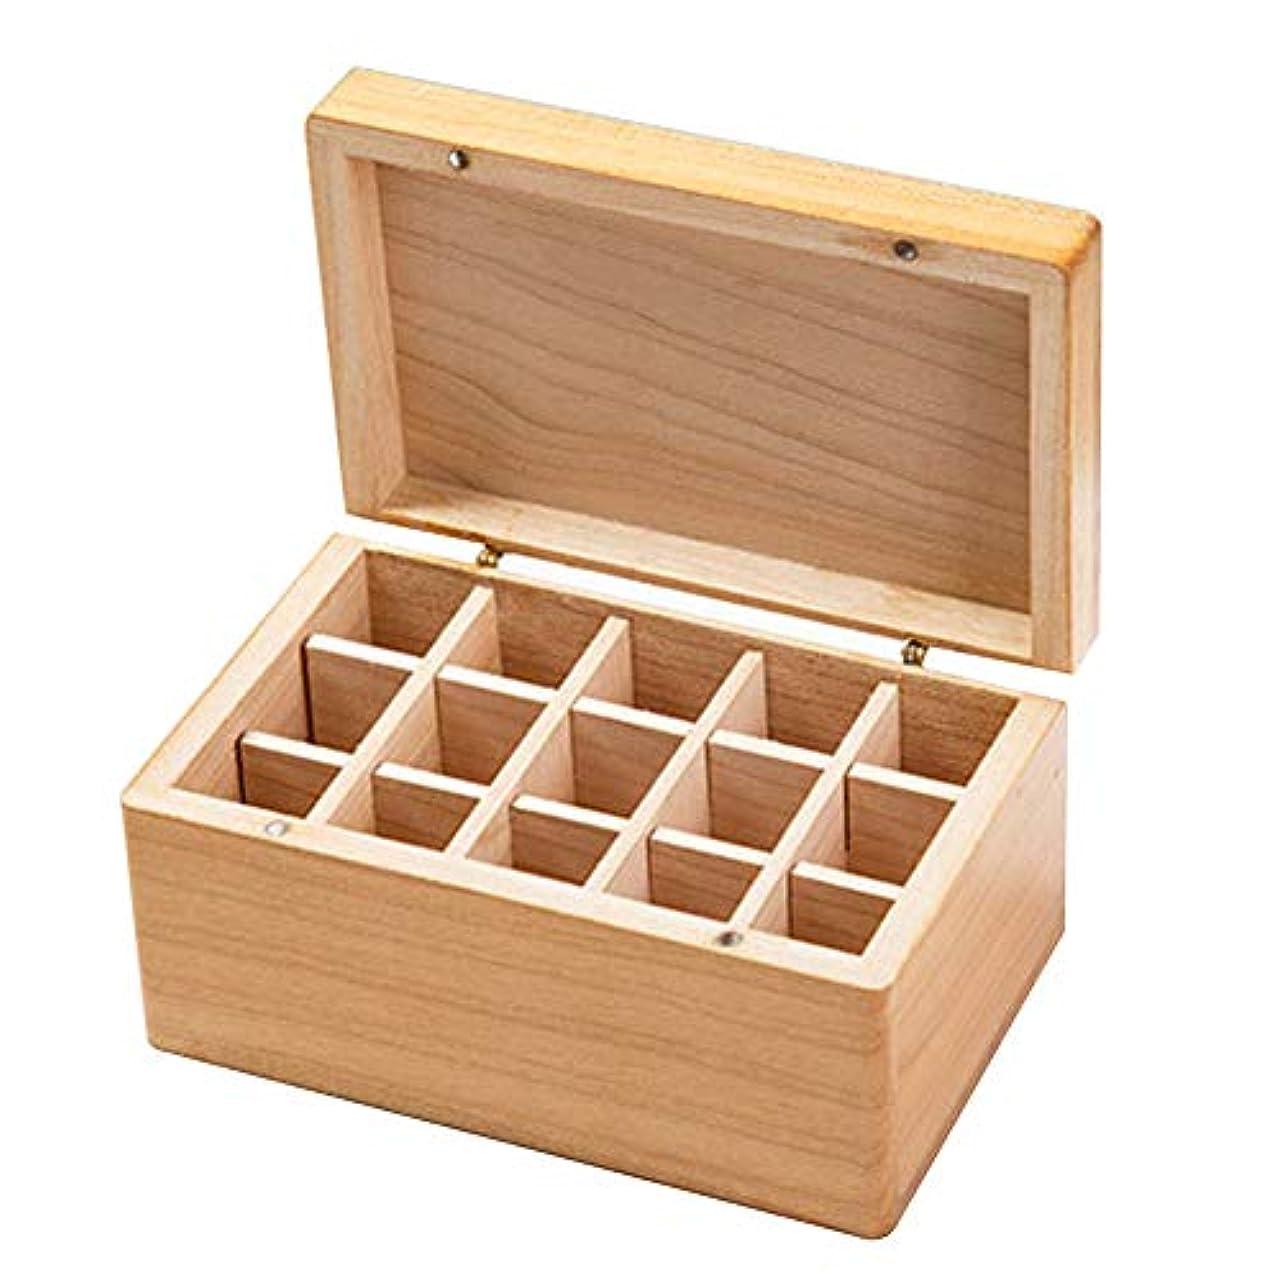 不完全な排気新しさエッセンシャルオイル木製収納ボックス、天然木素材コンパートメント耐久性のあるボトル注文したグリッド構造環境に優しいディスプレイケース